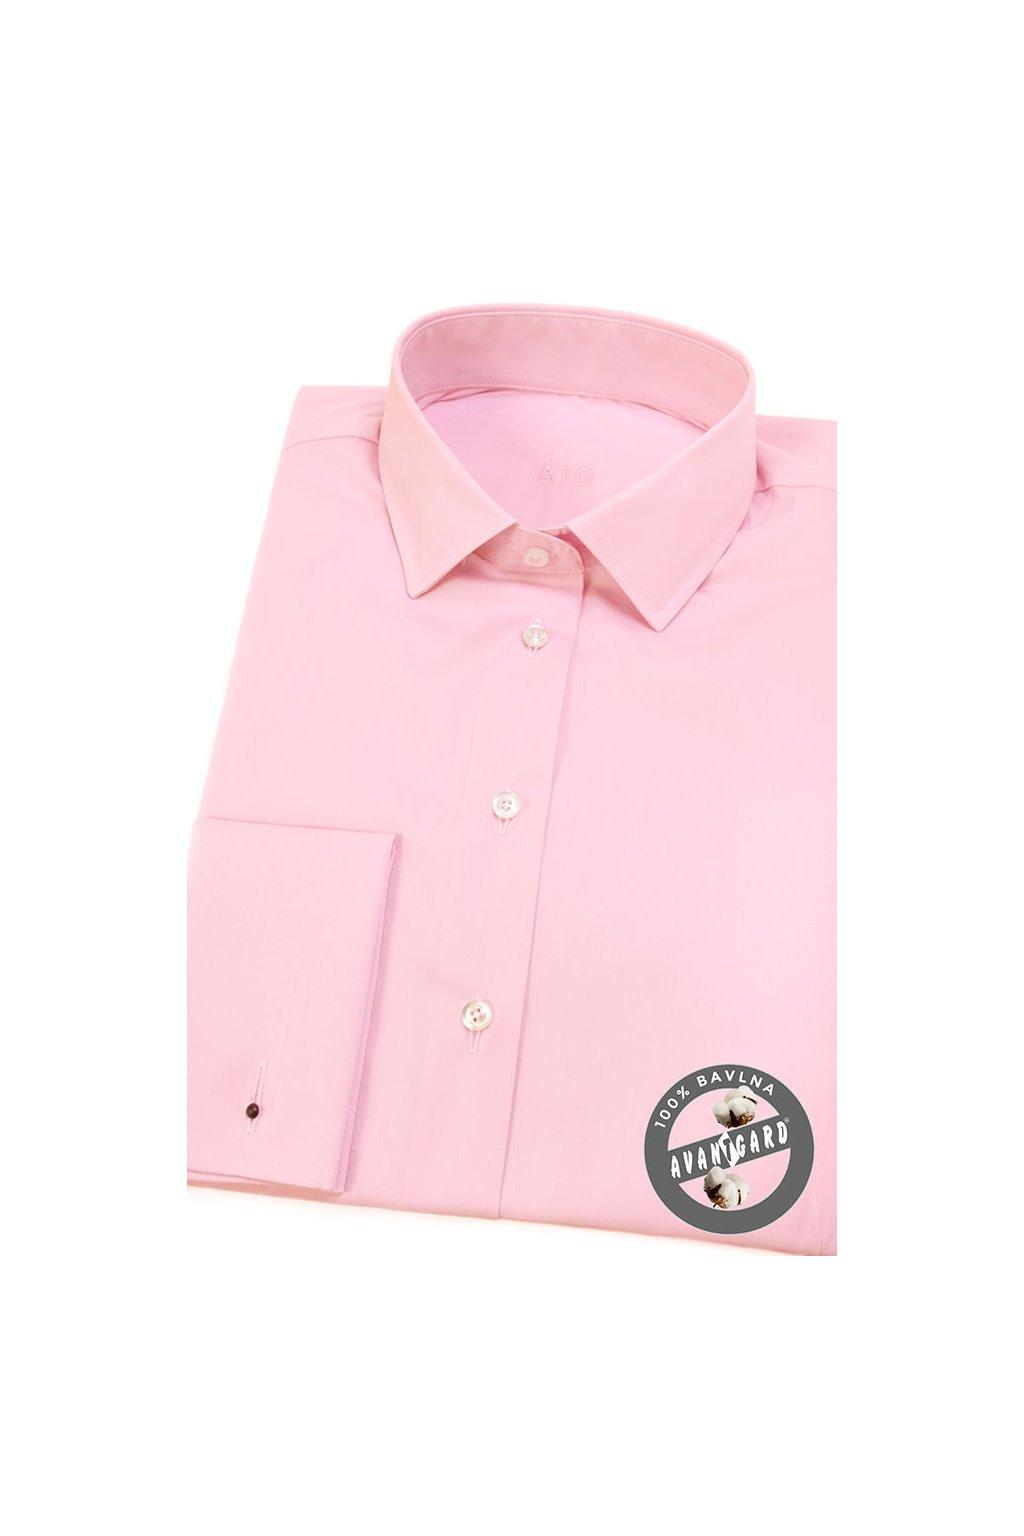 Dámská košile s dvojitými manžetami na manžetové knoflíčky růžová 722 - 9